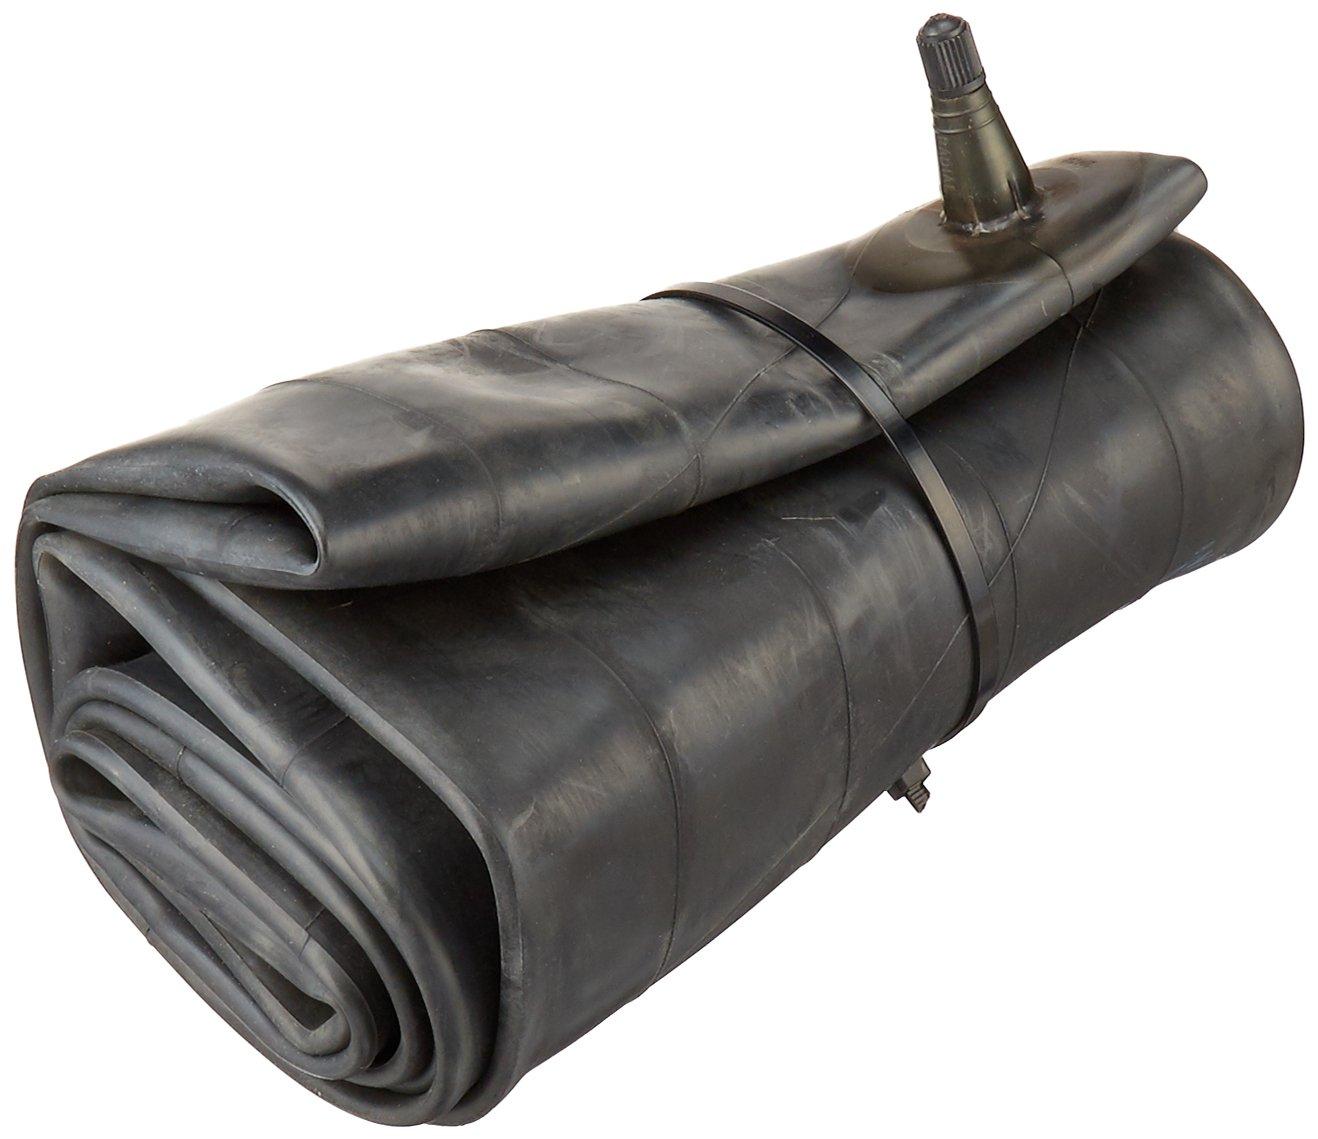 85%OFF Firestone Brand Tire Inner Tube TR15 Rubber Valve